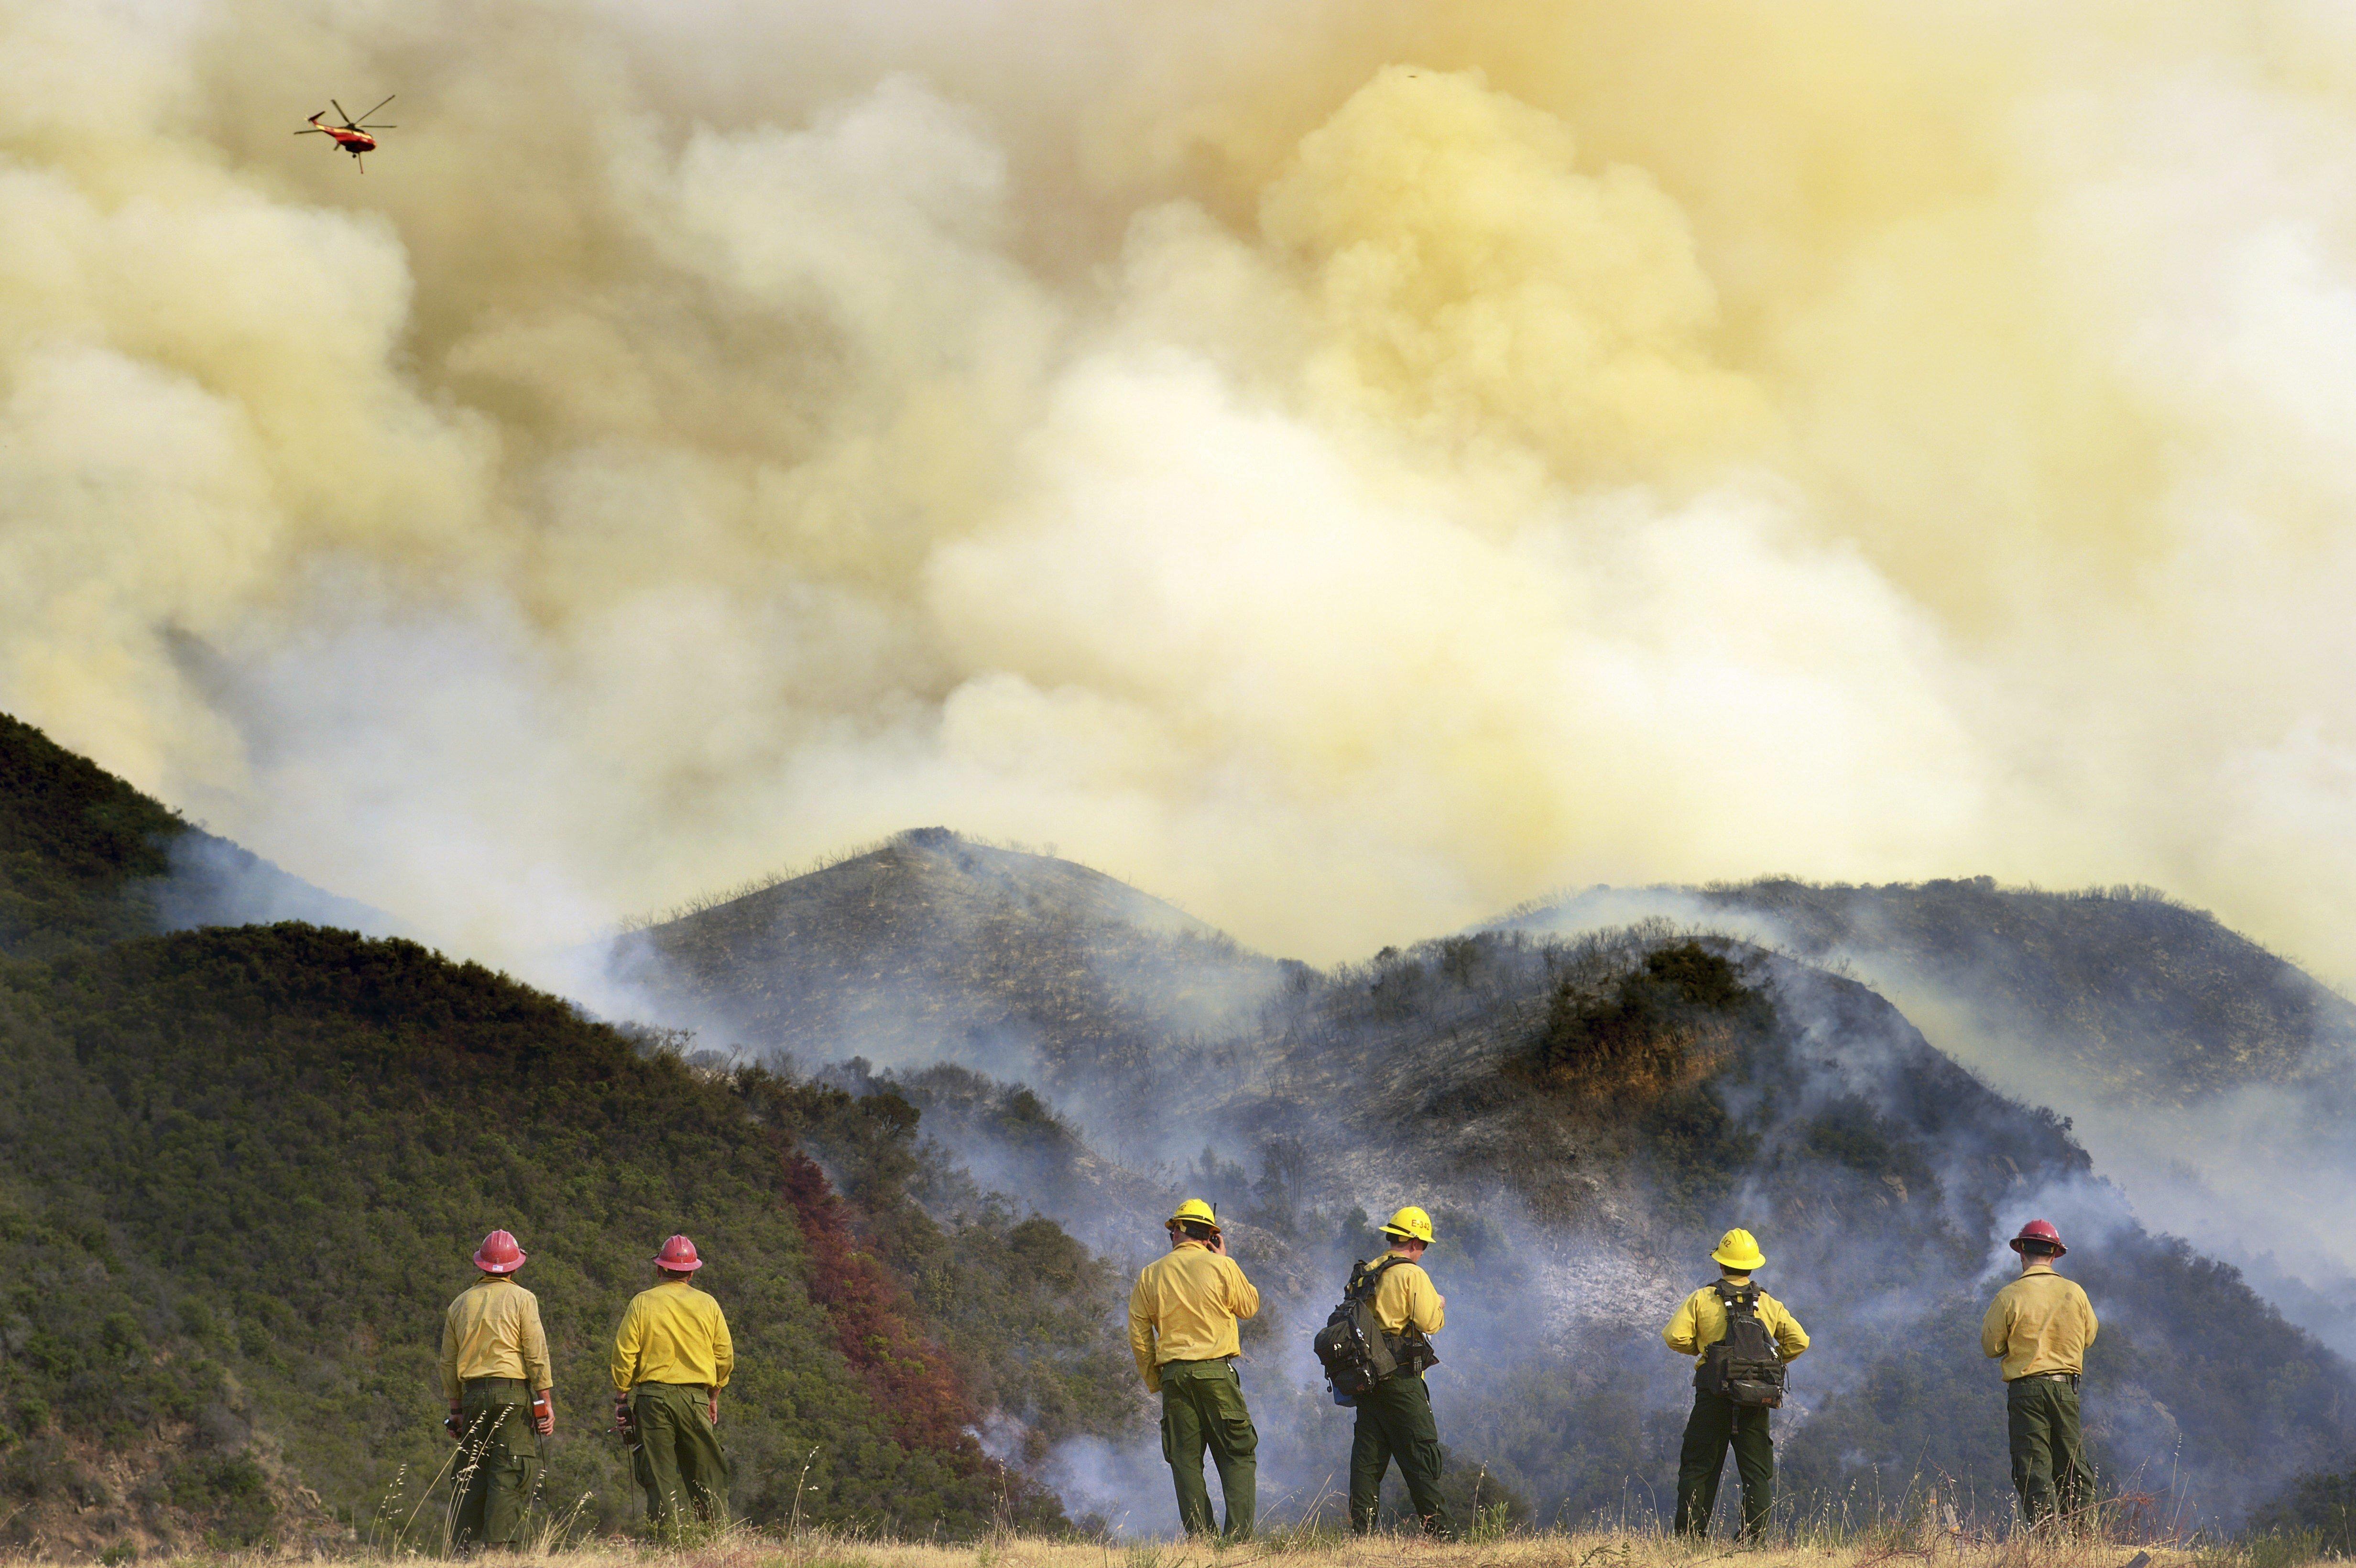 Bombers treballen en l'extinció de l'incendi a Whittier, a Santa Bàrbara, Califòrnia. /STRINGER